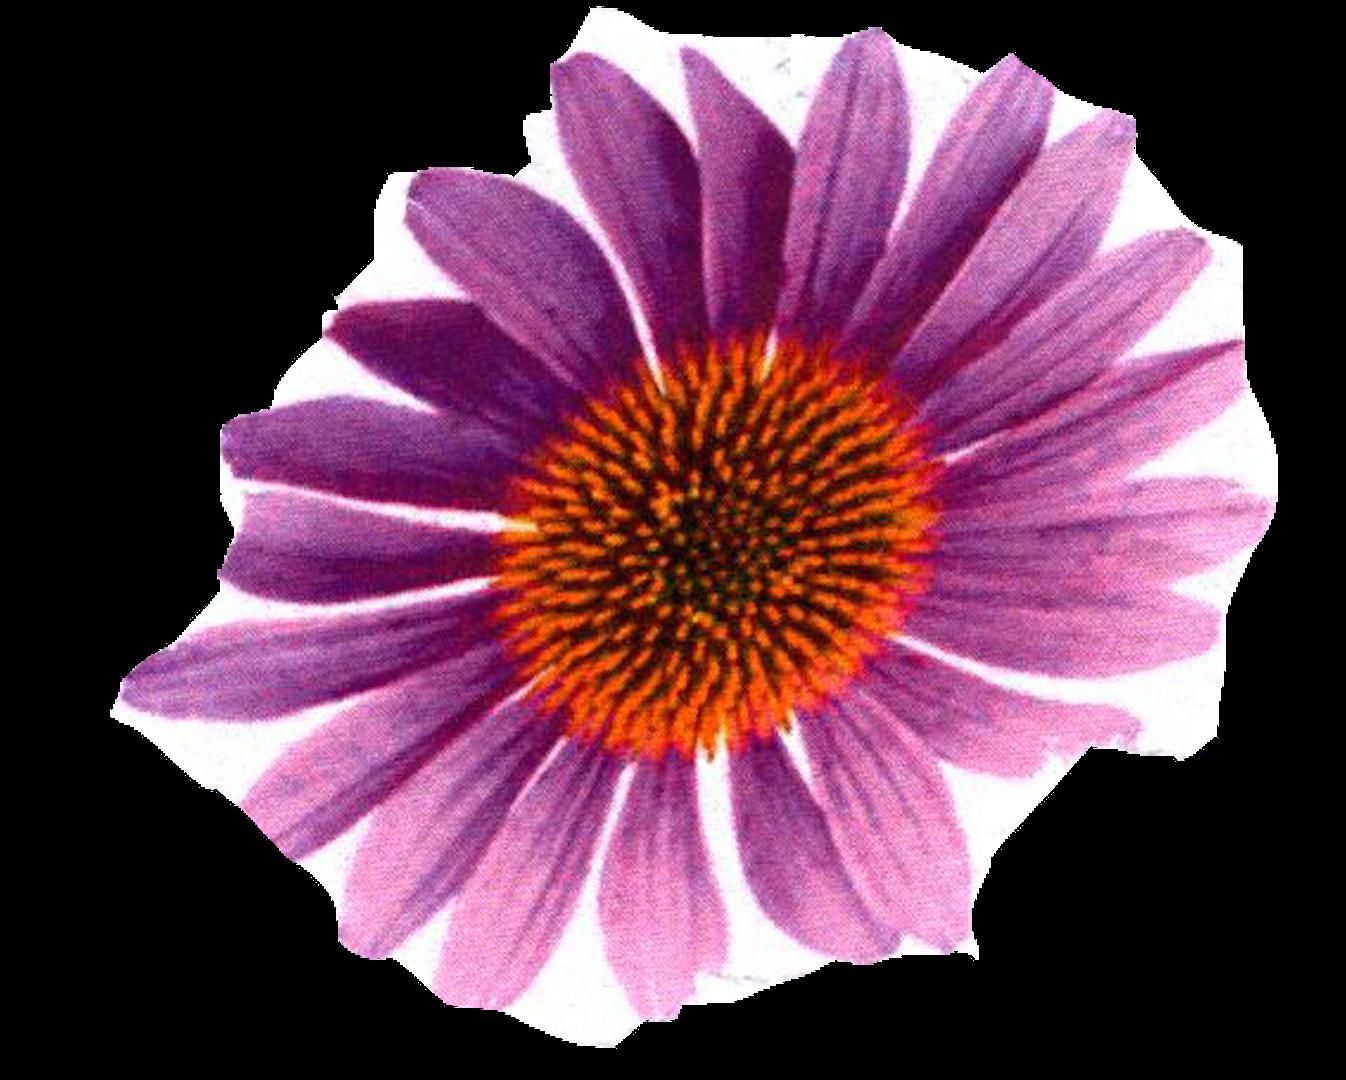 c0-20-flower